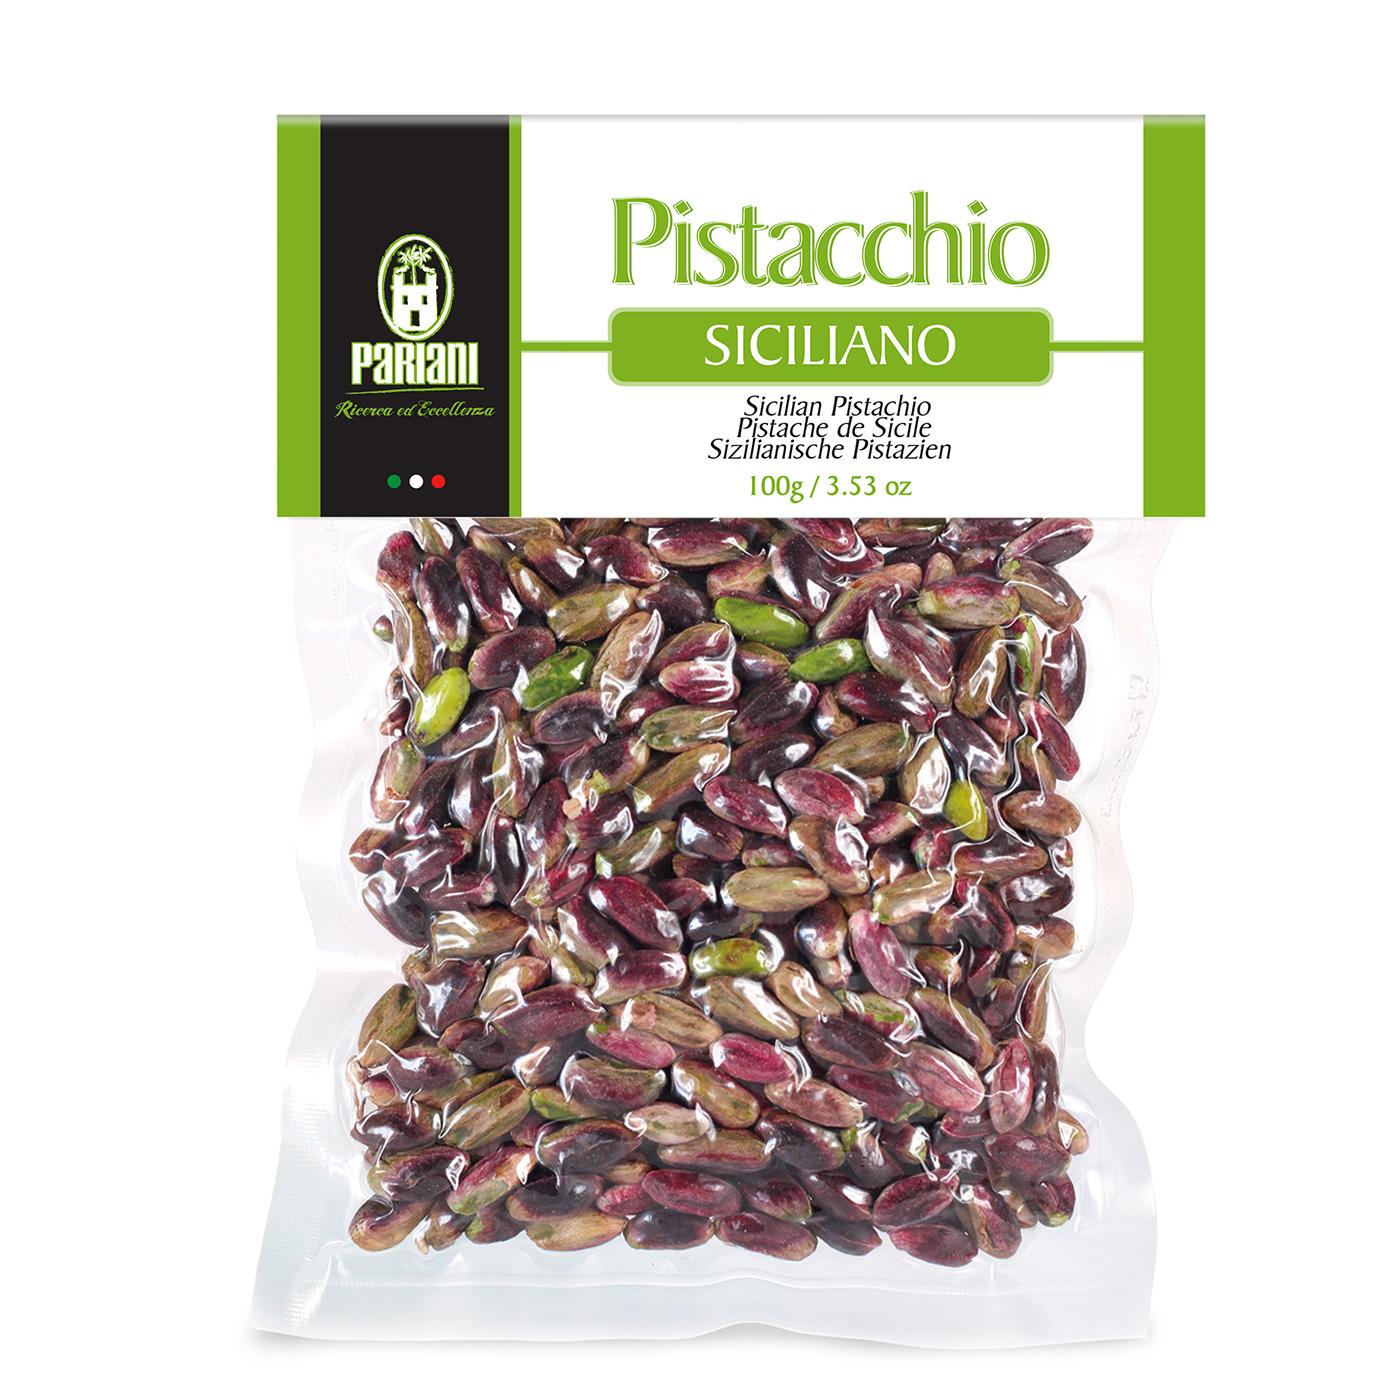 Pariani Pistacchio Siciliano Sgusciato 100g